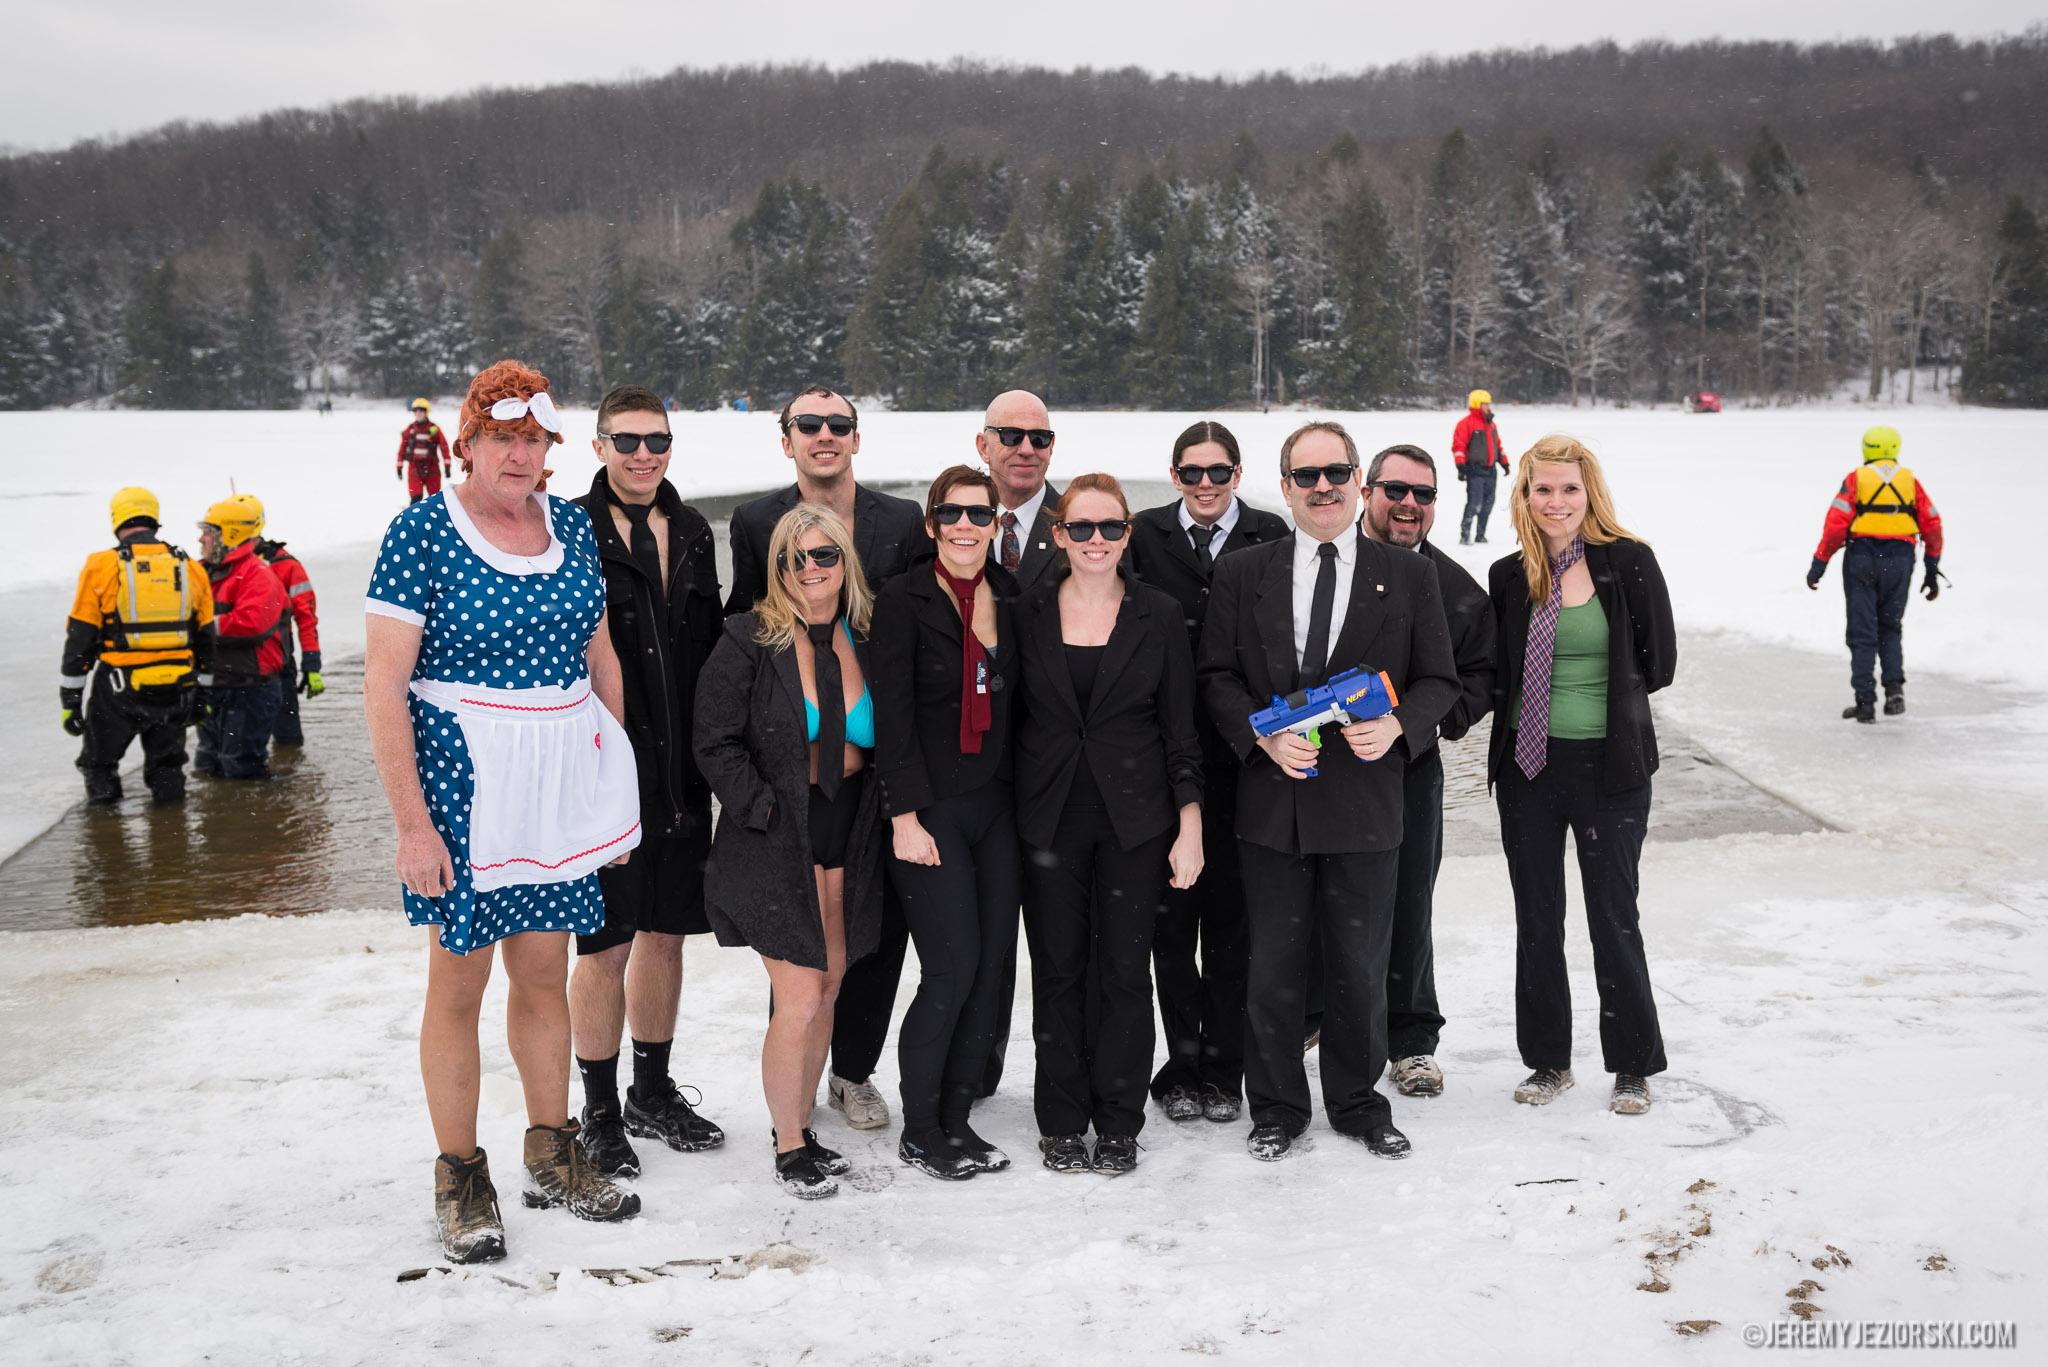 warren-county-winterfest-2014-photographer-jeremy-jeziorski-6629.jpg